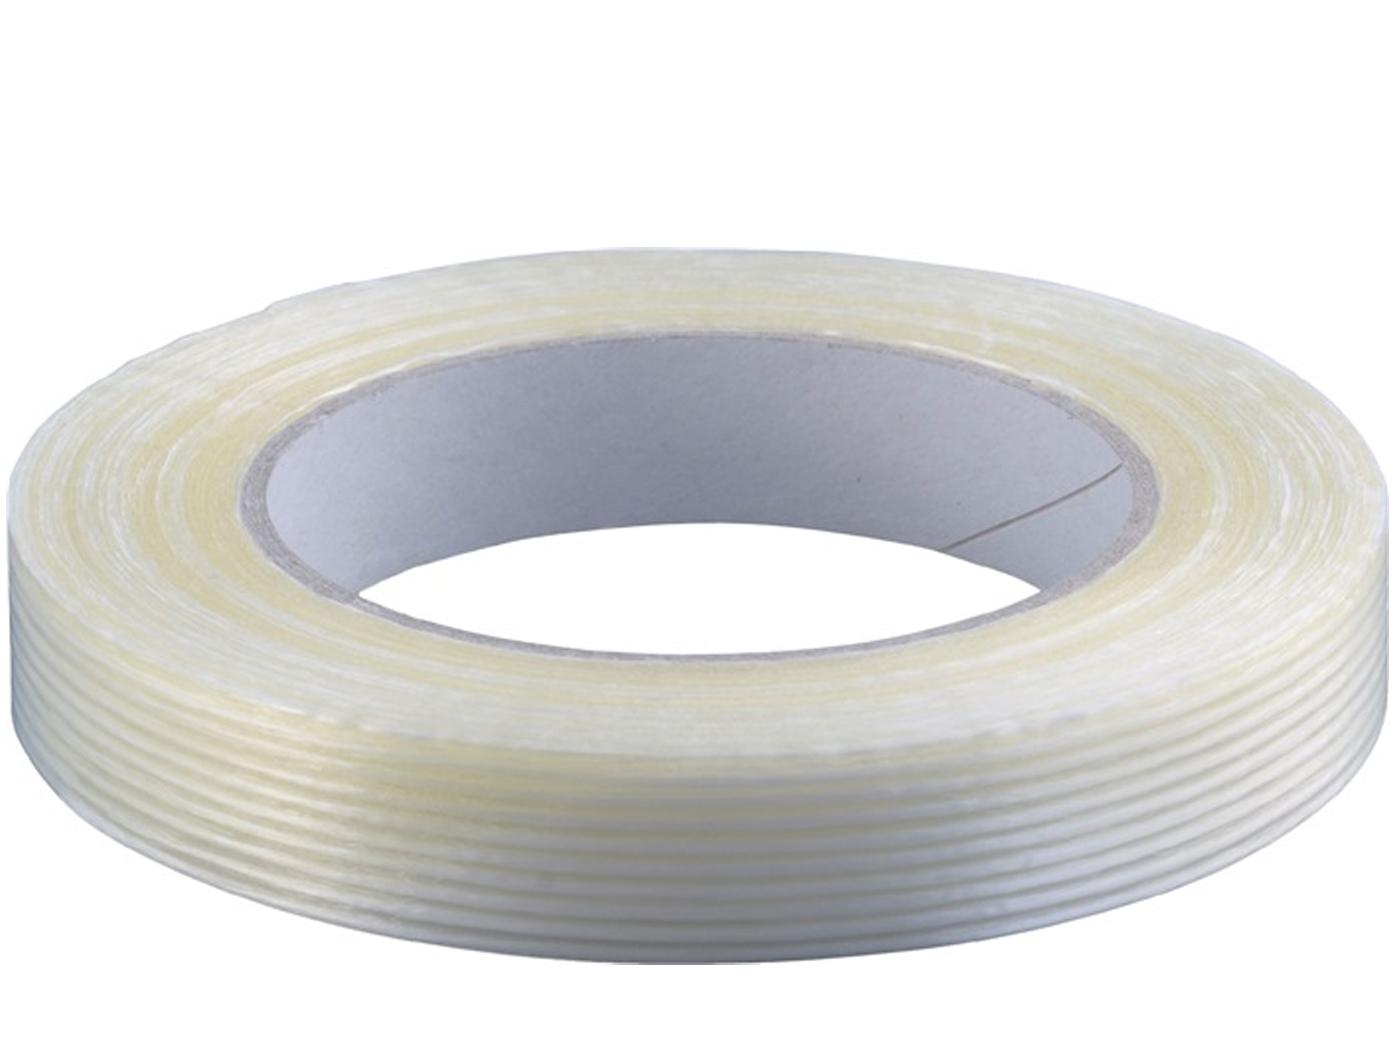 Filamentband transparant PP folie | DKMTools - DKM Tools